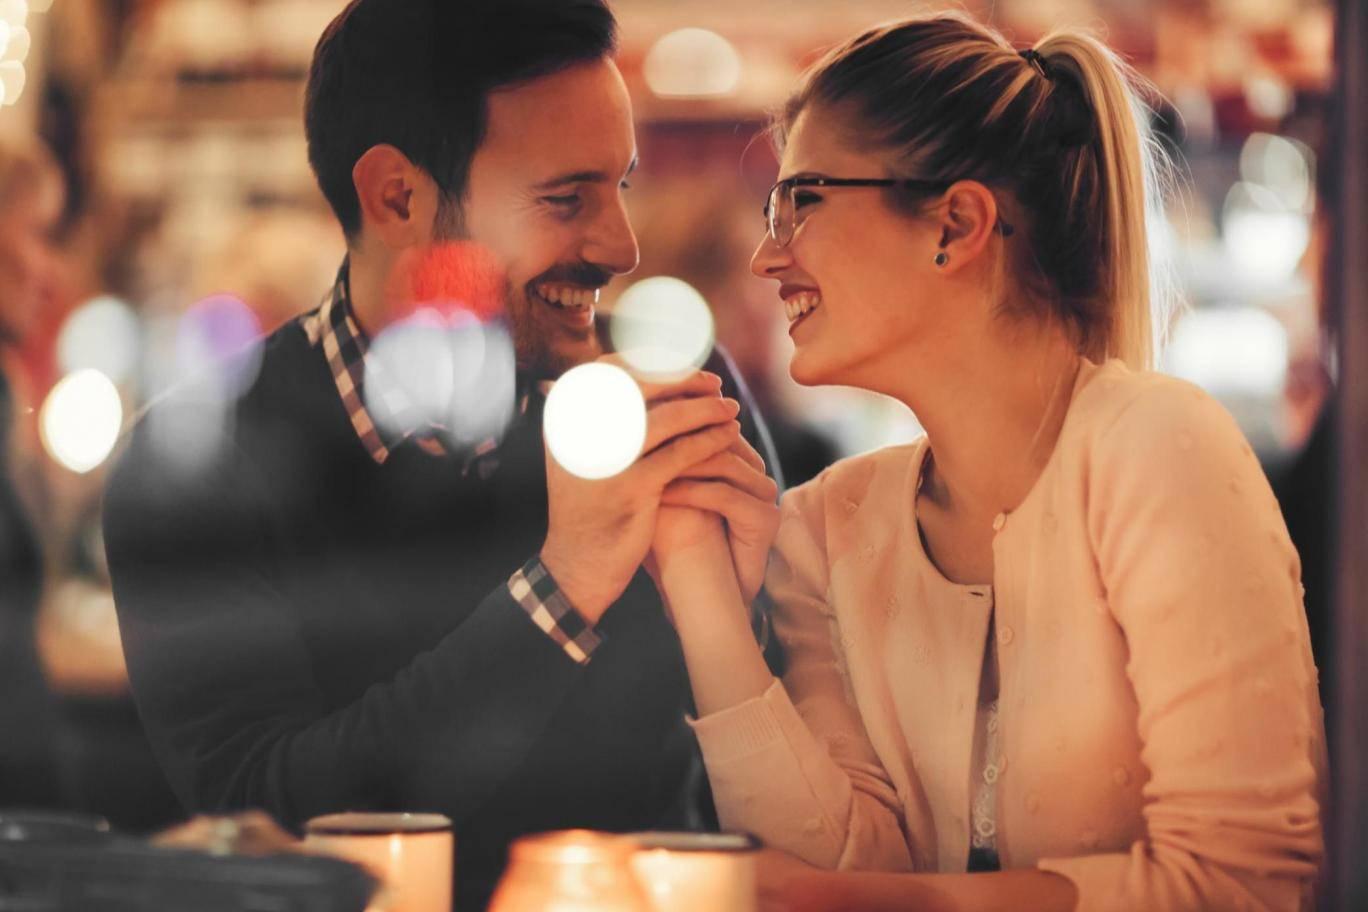 Кто должен сделать первый шаг для знакомства мужчина или женщина знакомства сочи маба